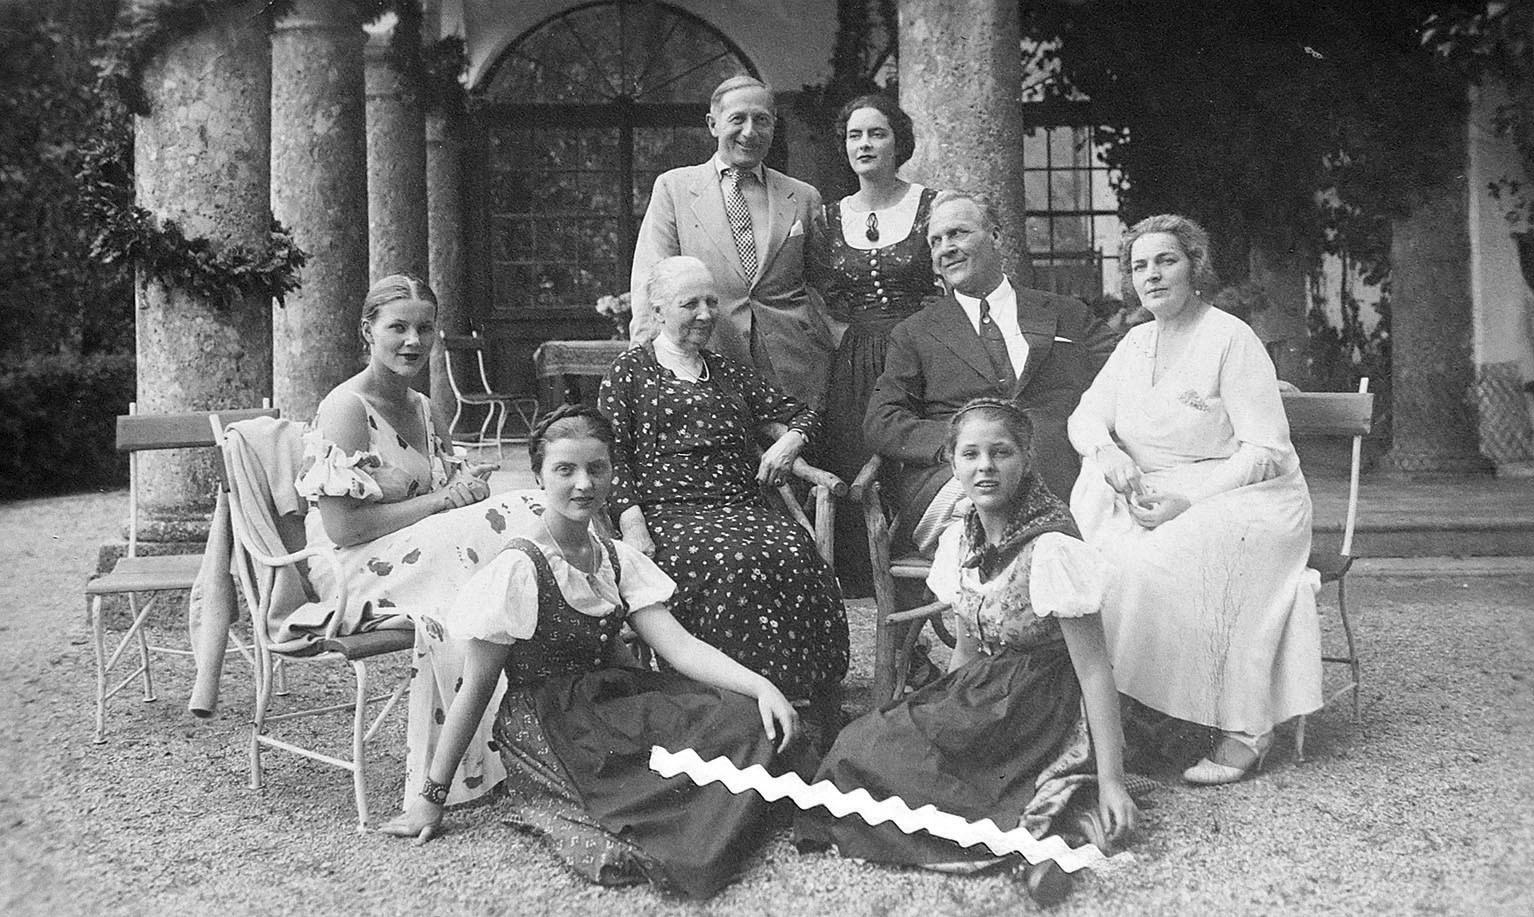 Schaljapins Familie. Tirol. Kitzbühel. 1934.